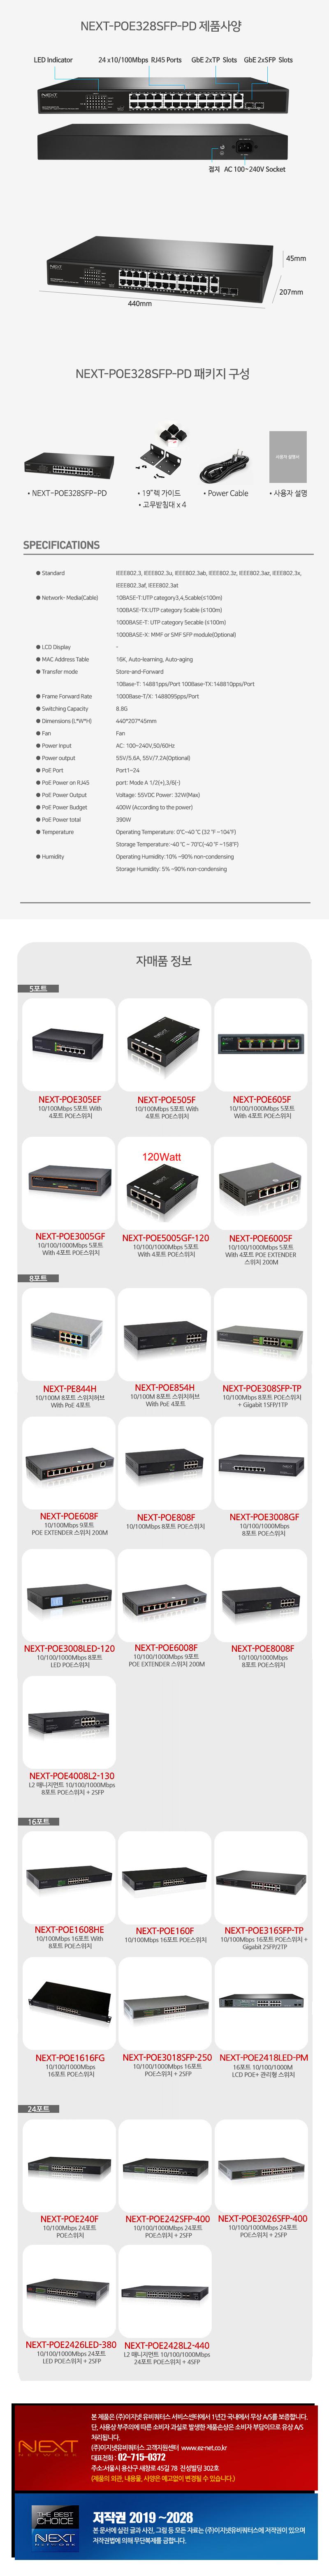 이지넷유비쿼터스 넥스트 NEXT-POE328SFP-PD 스위치허브